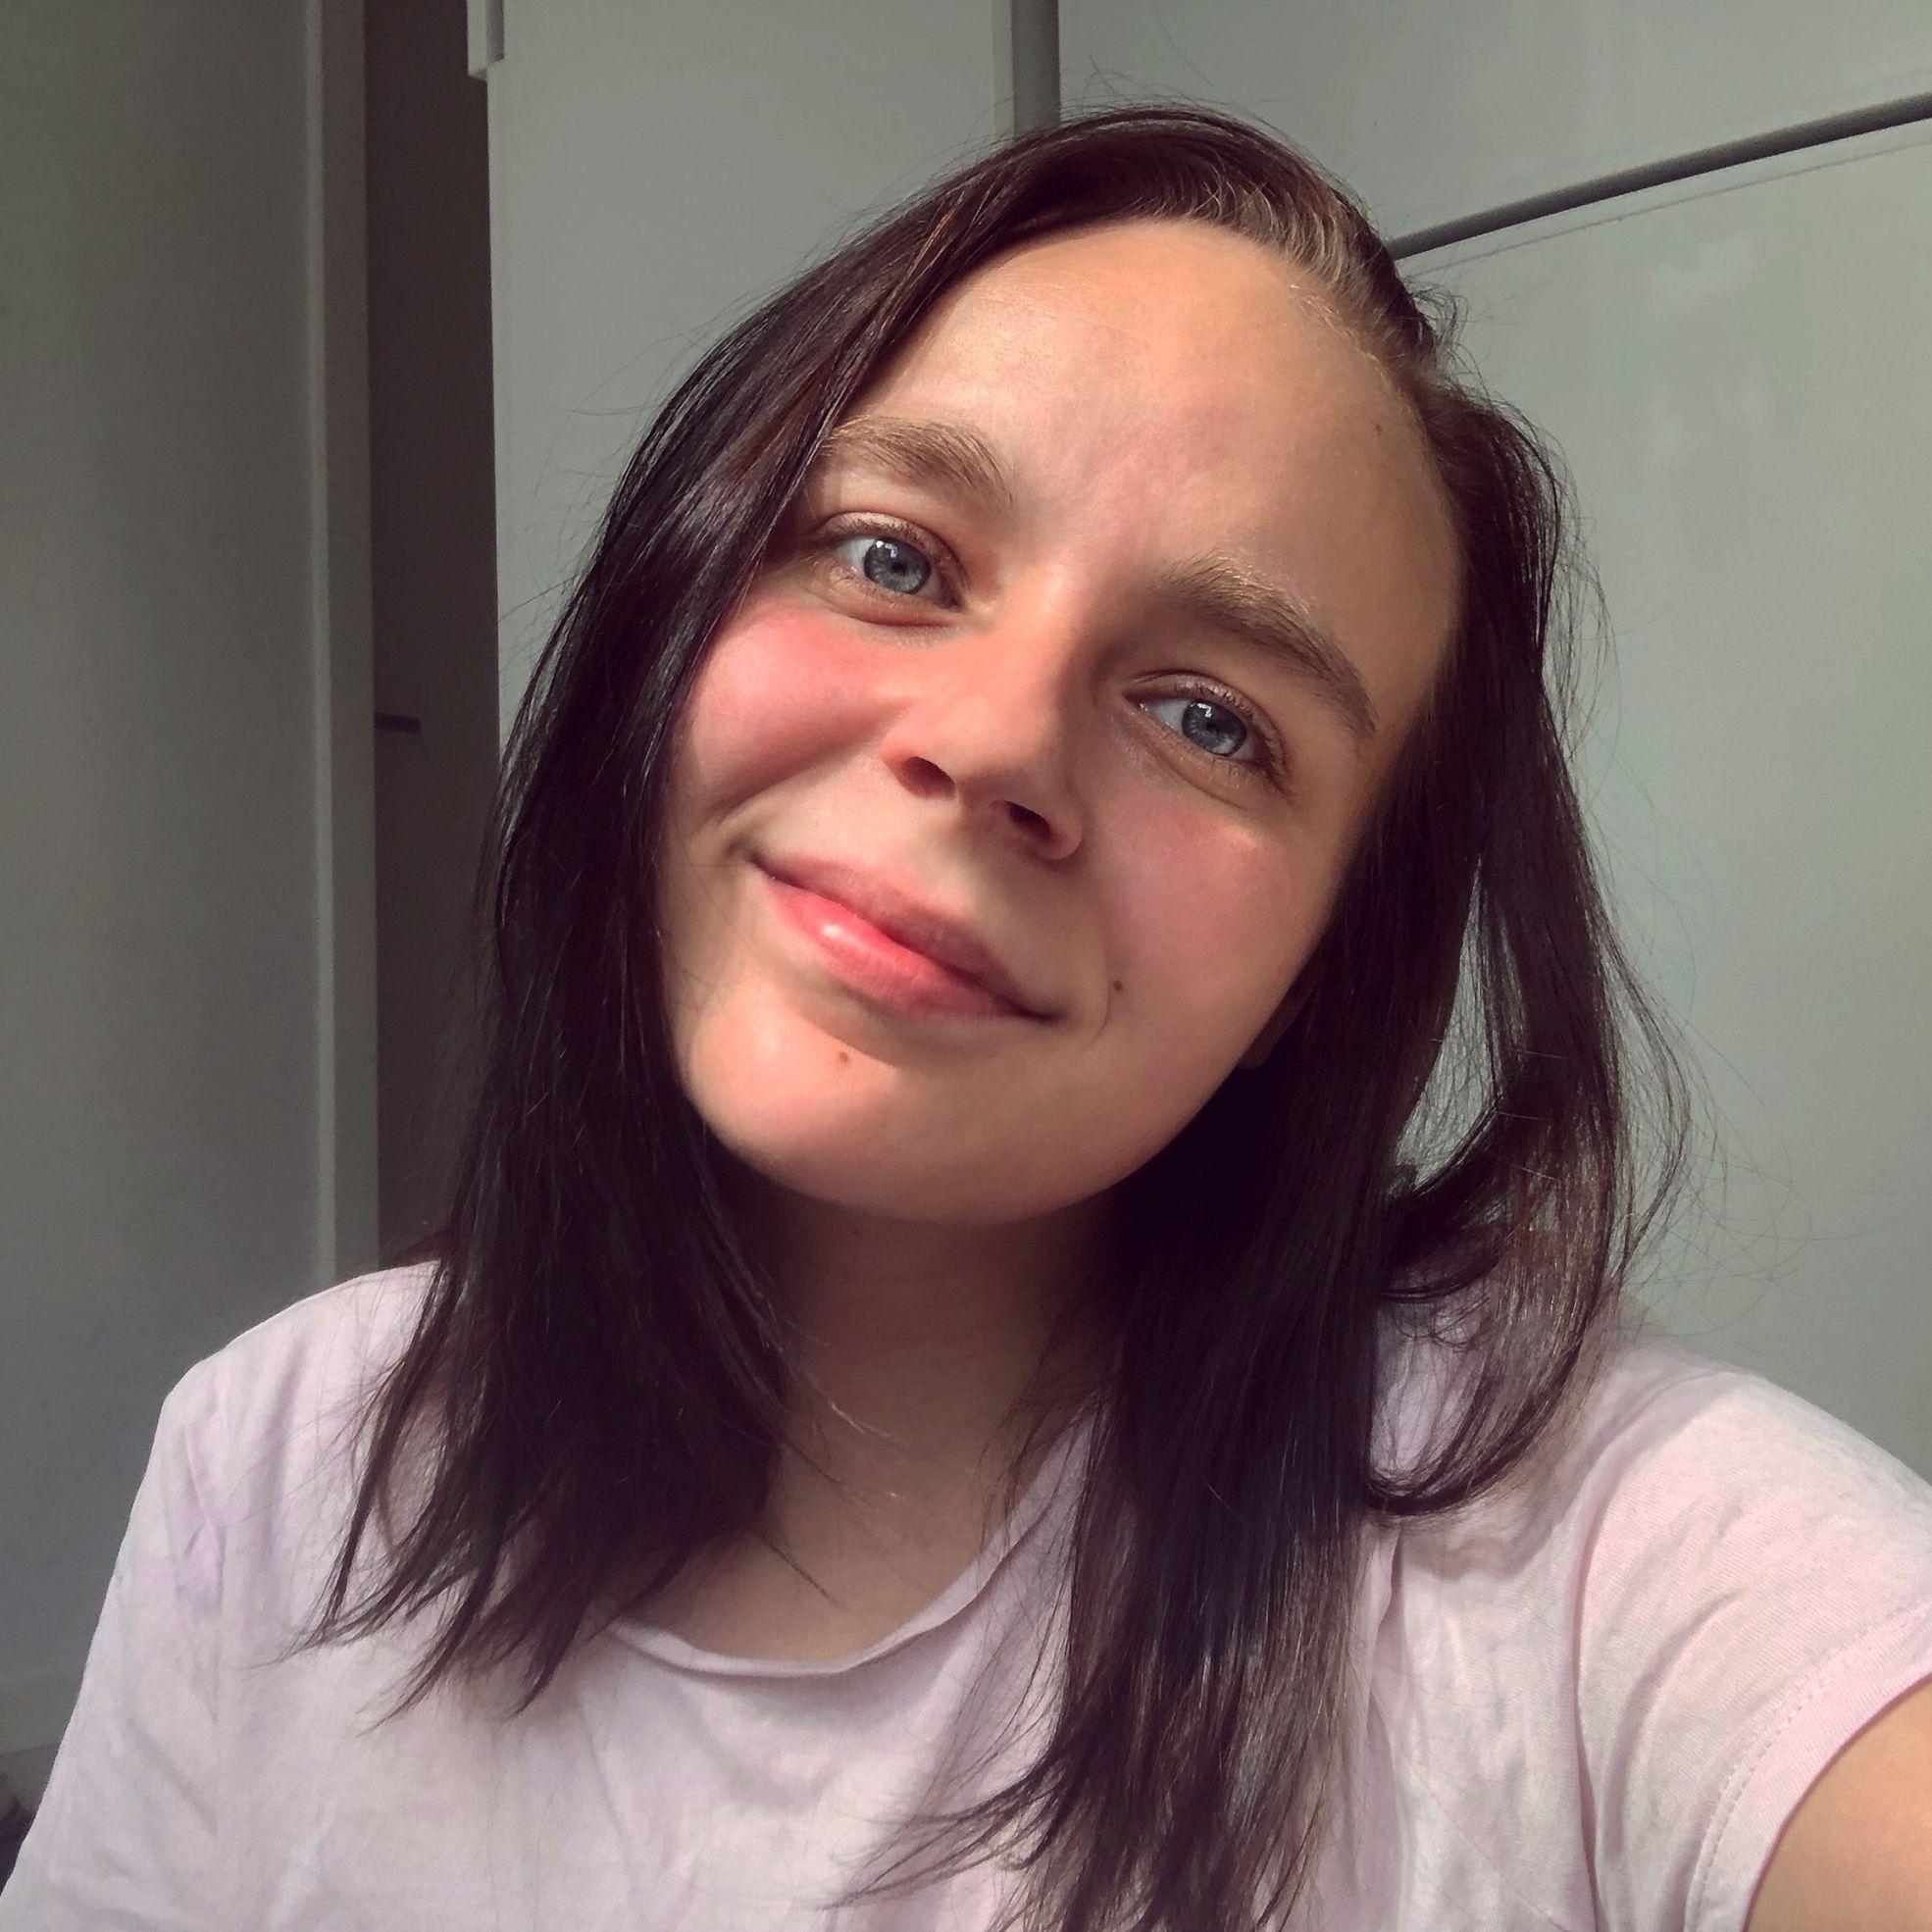 Camilla Meldgaard